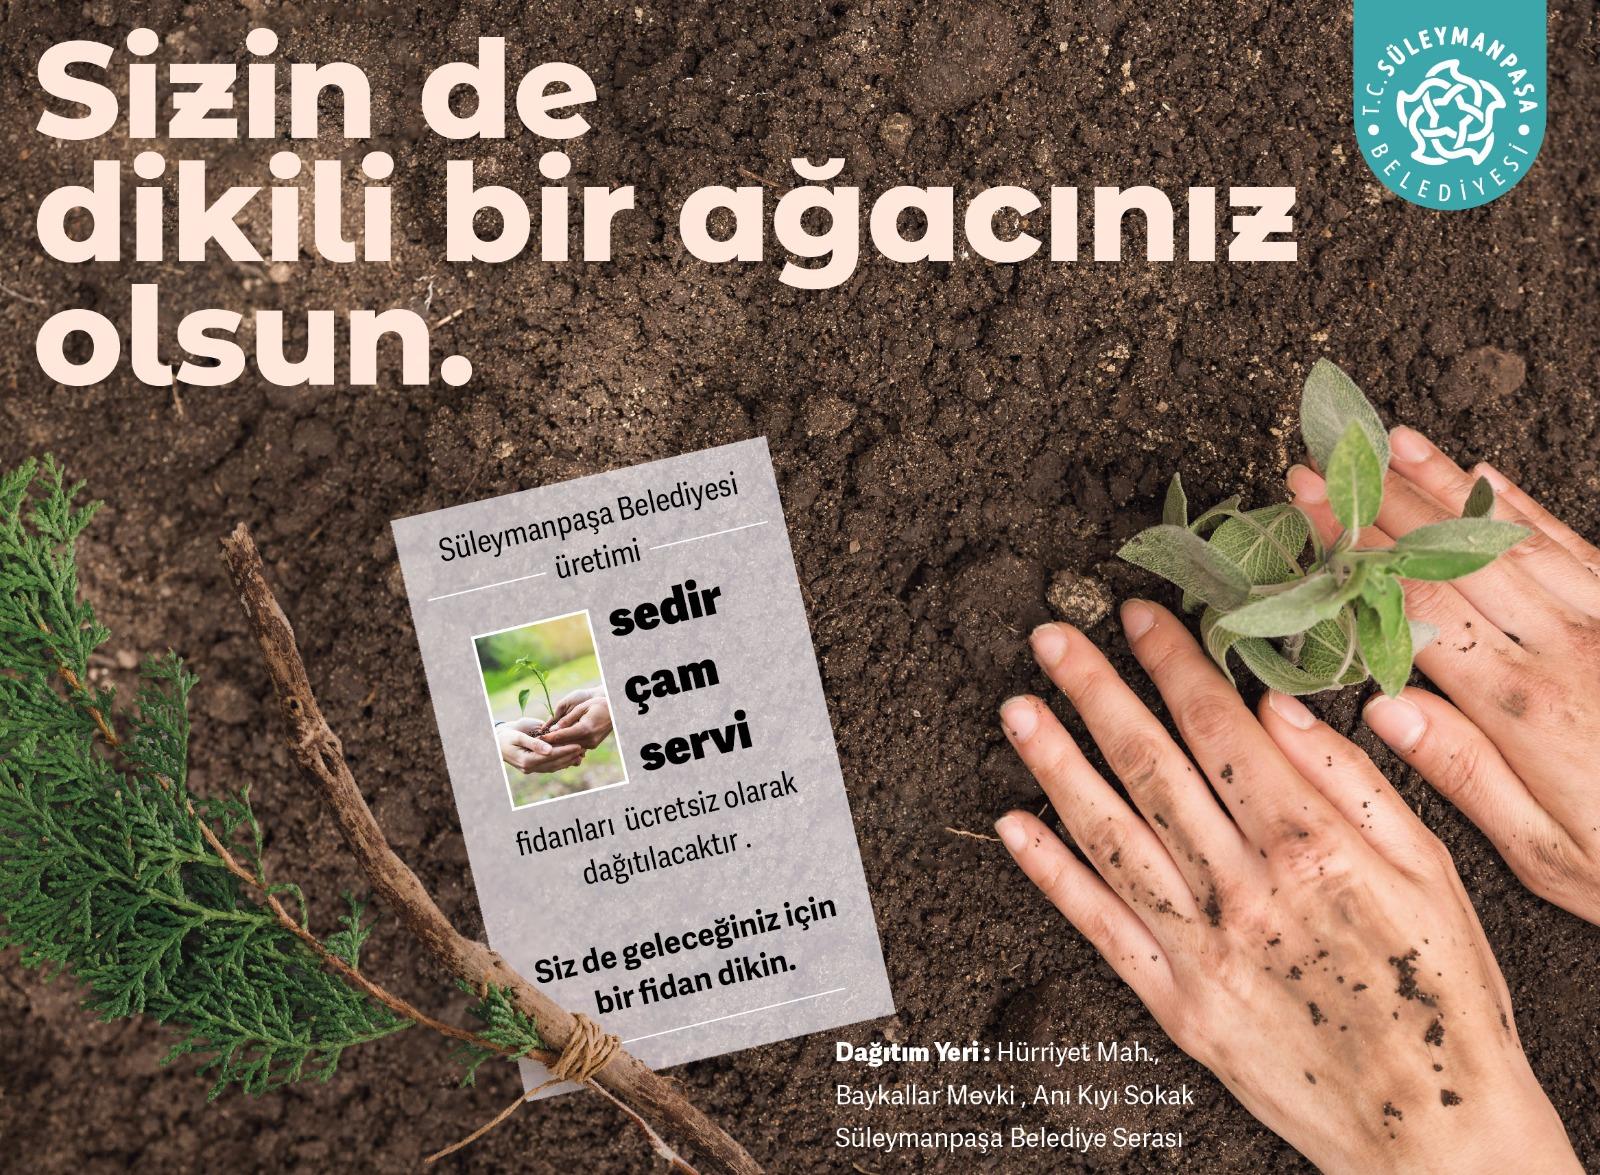 Süleyman Paşa Belediyesi ücretsiz fidan dağıtacak